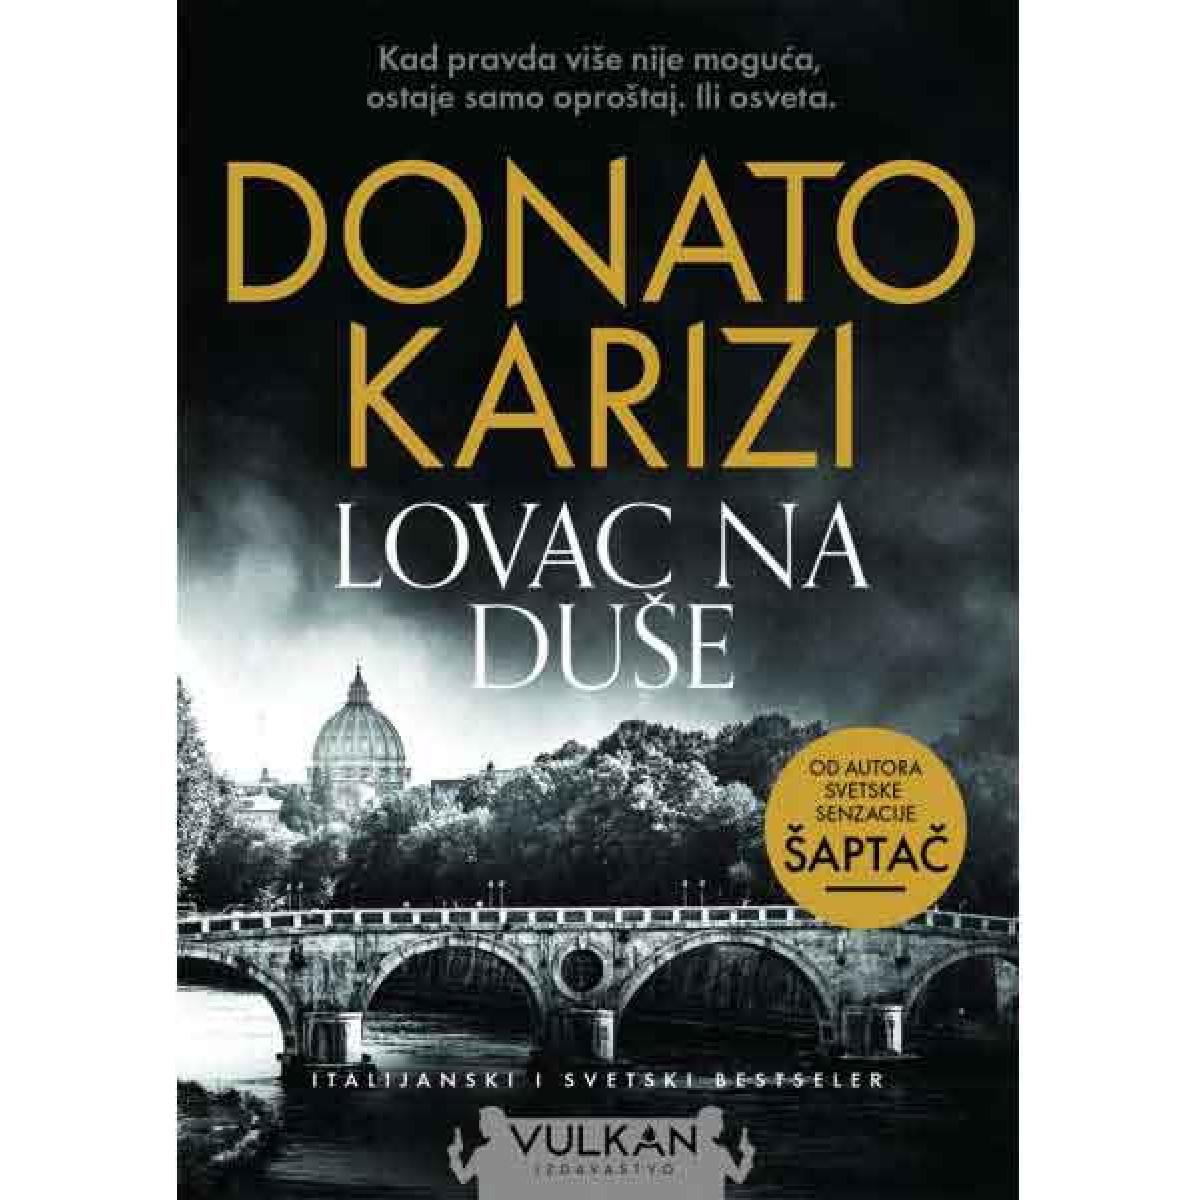 Donato Karizi Saptac Pdf Download